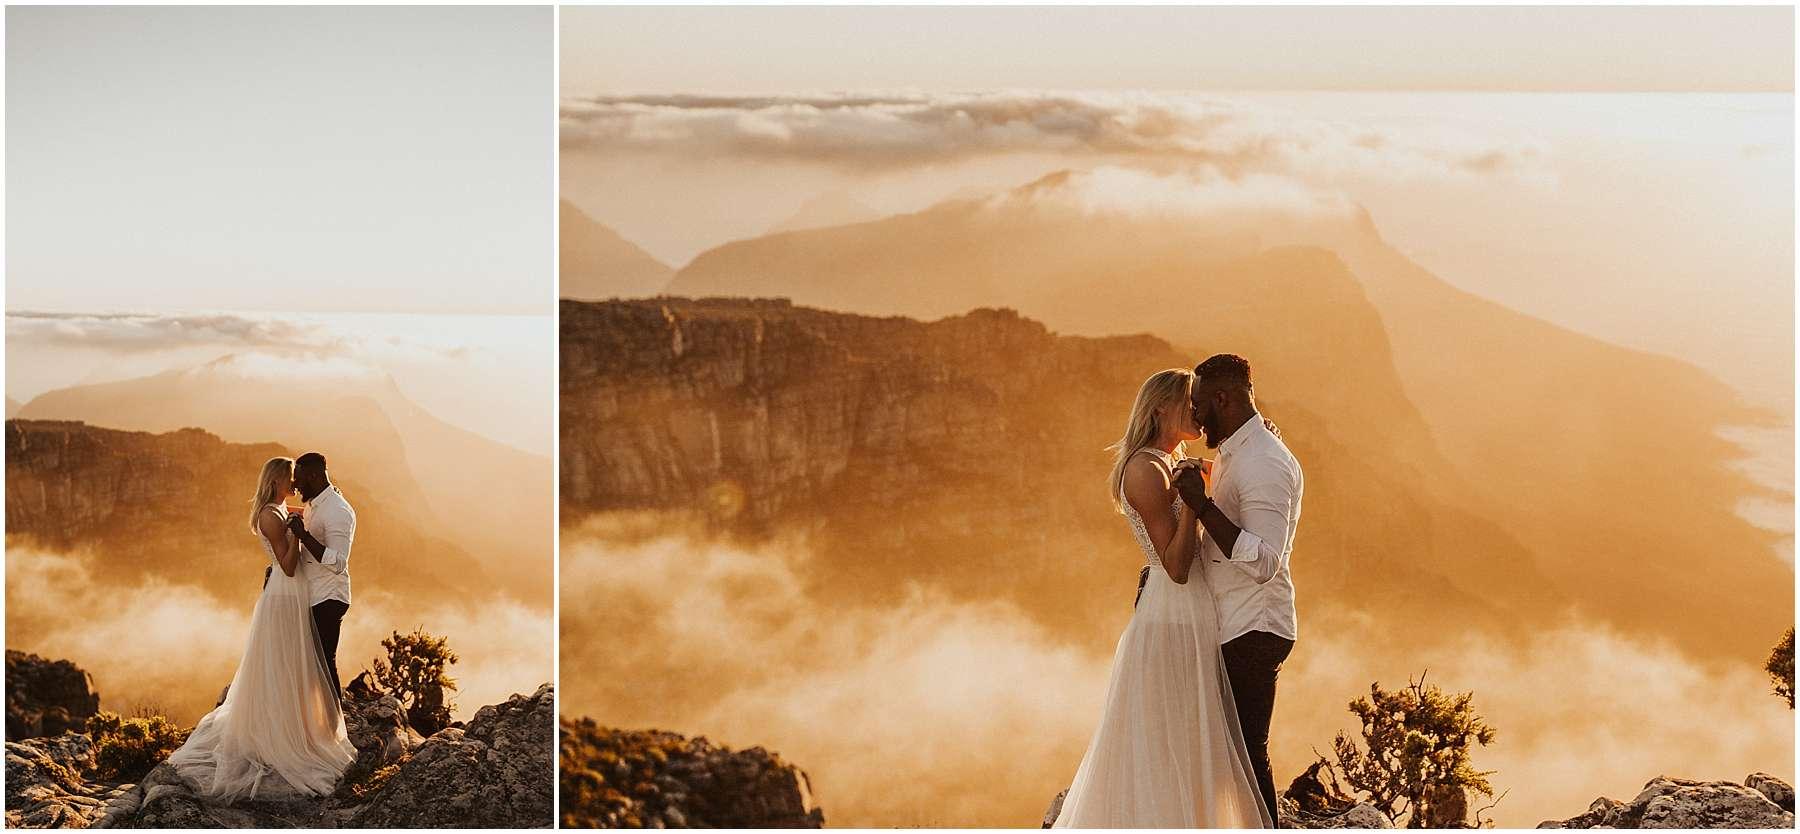 LOTTYH-South-Africa-Elopement-Photographer_0018.jpg